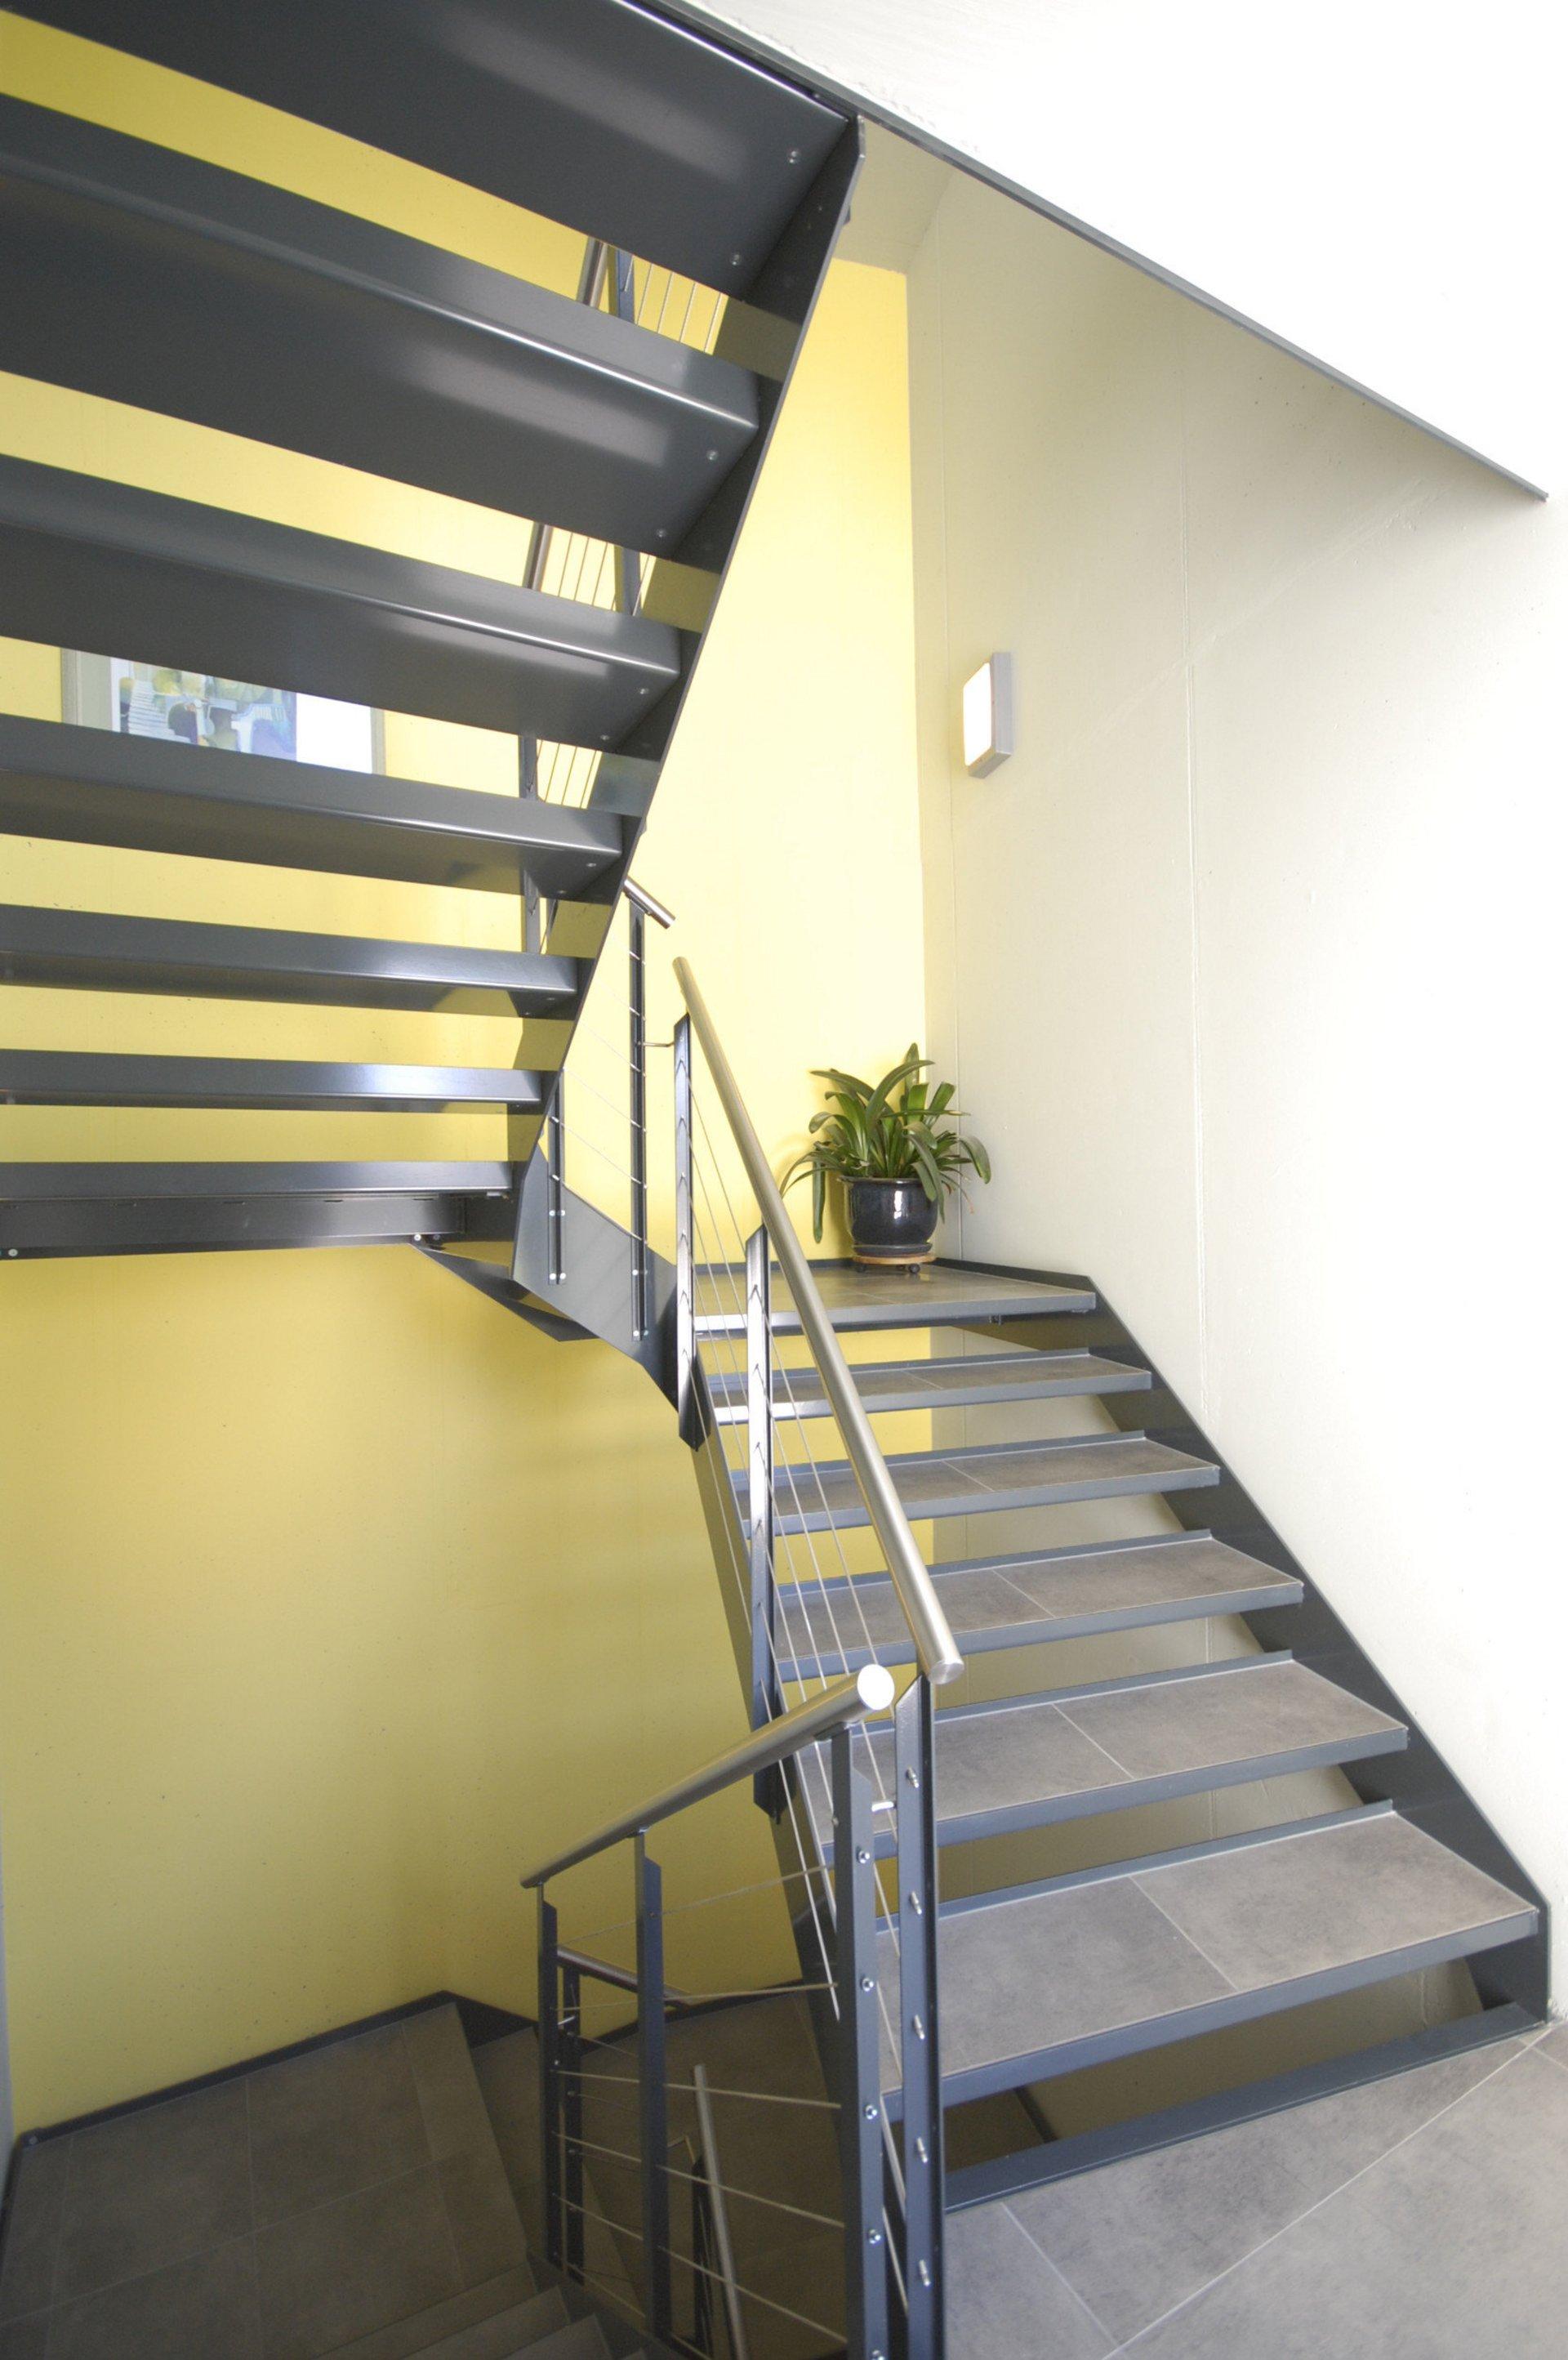 Helles Treppenhaus mit Ganzmetall Fensterelementen